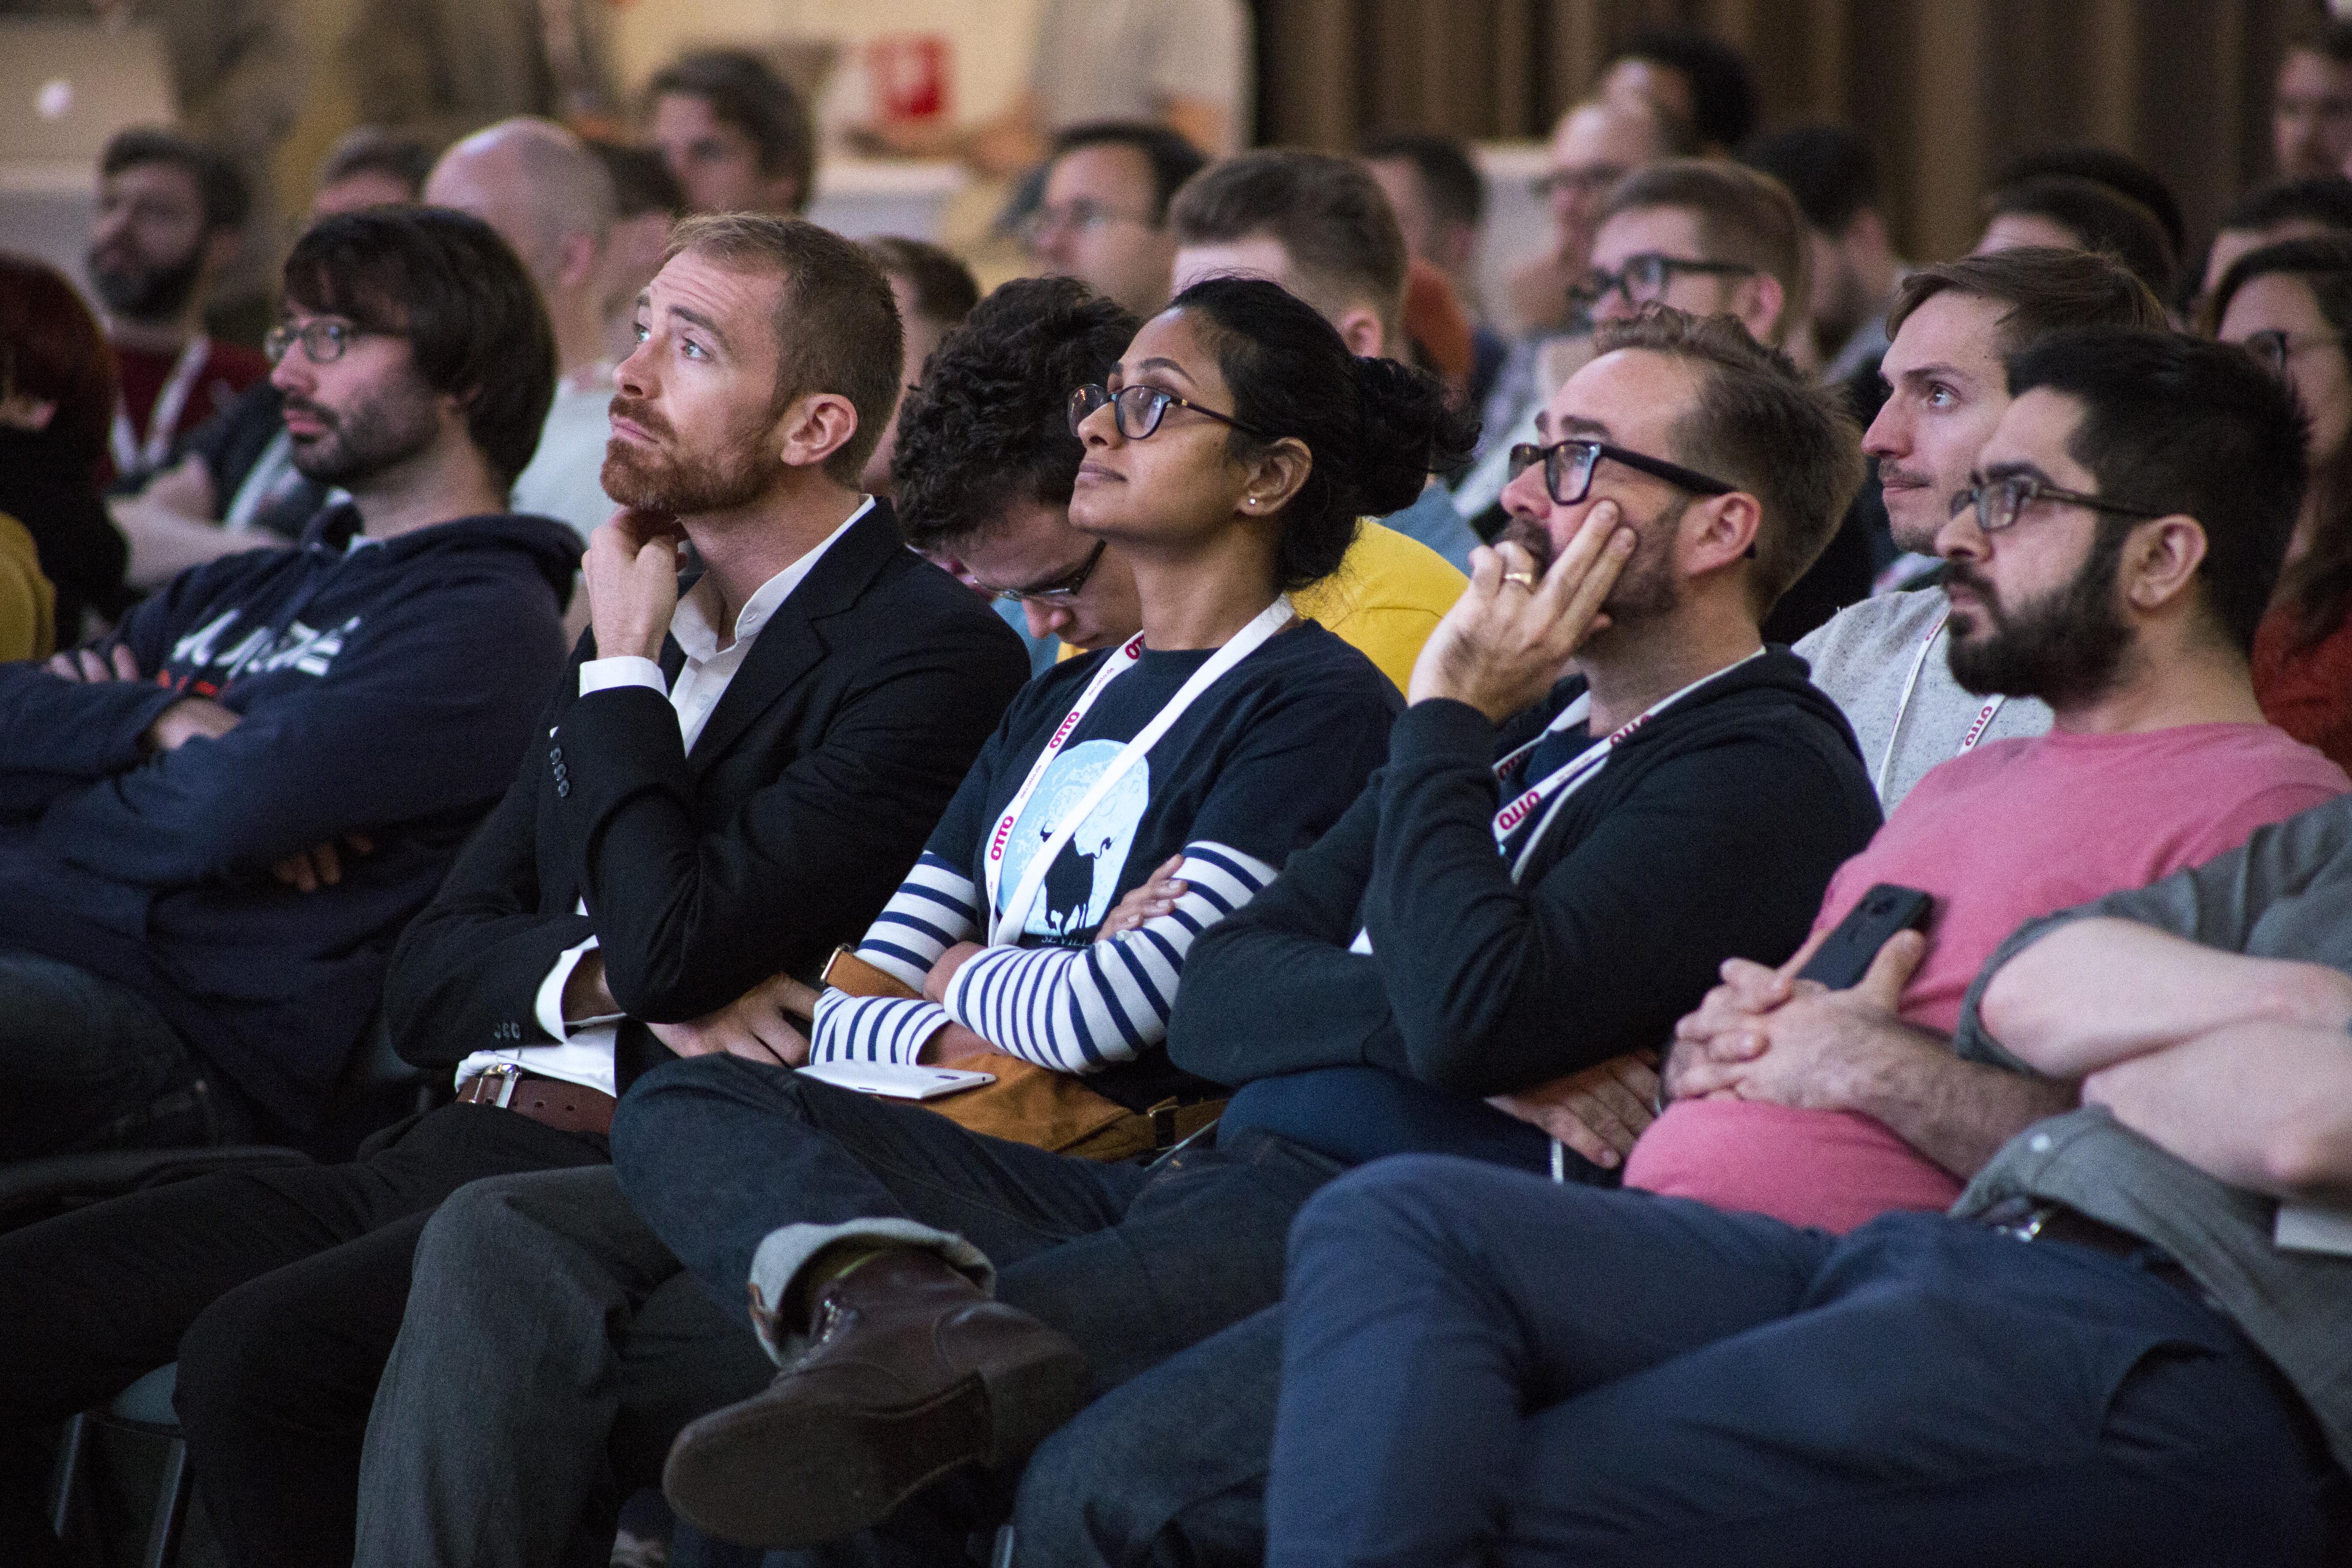 Audiencepic6.jpg